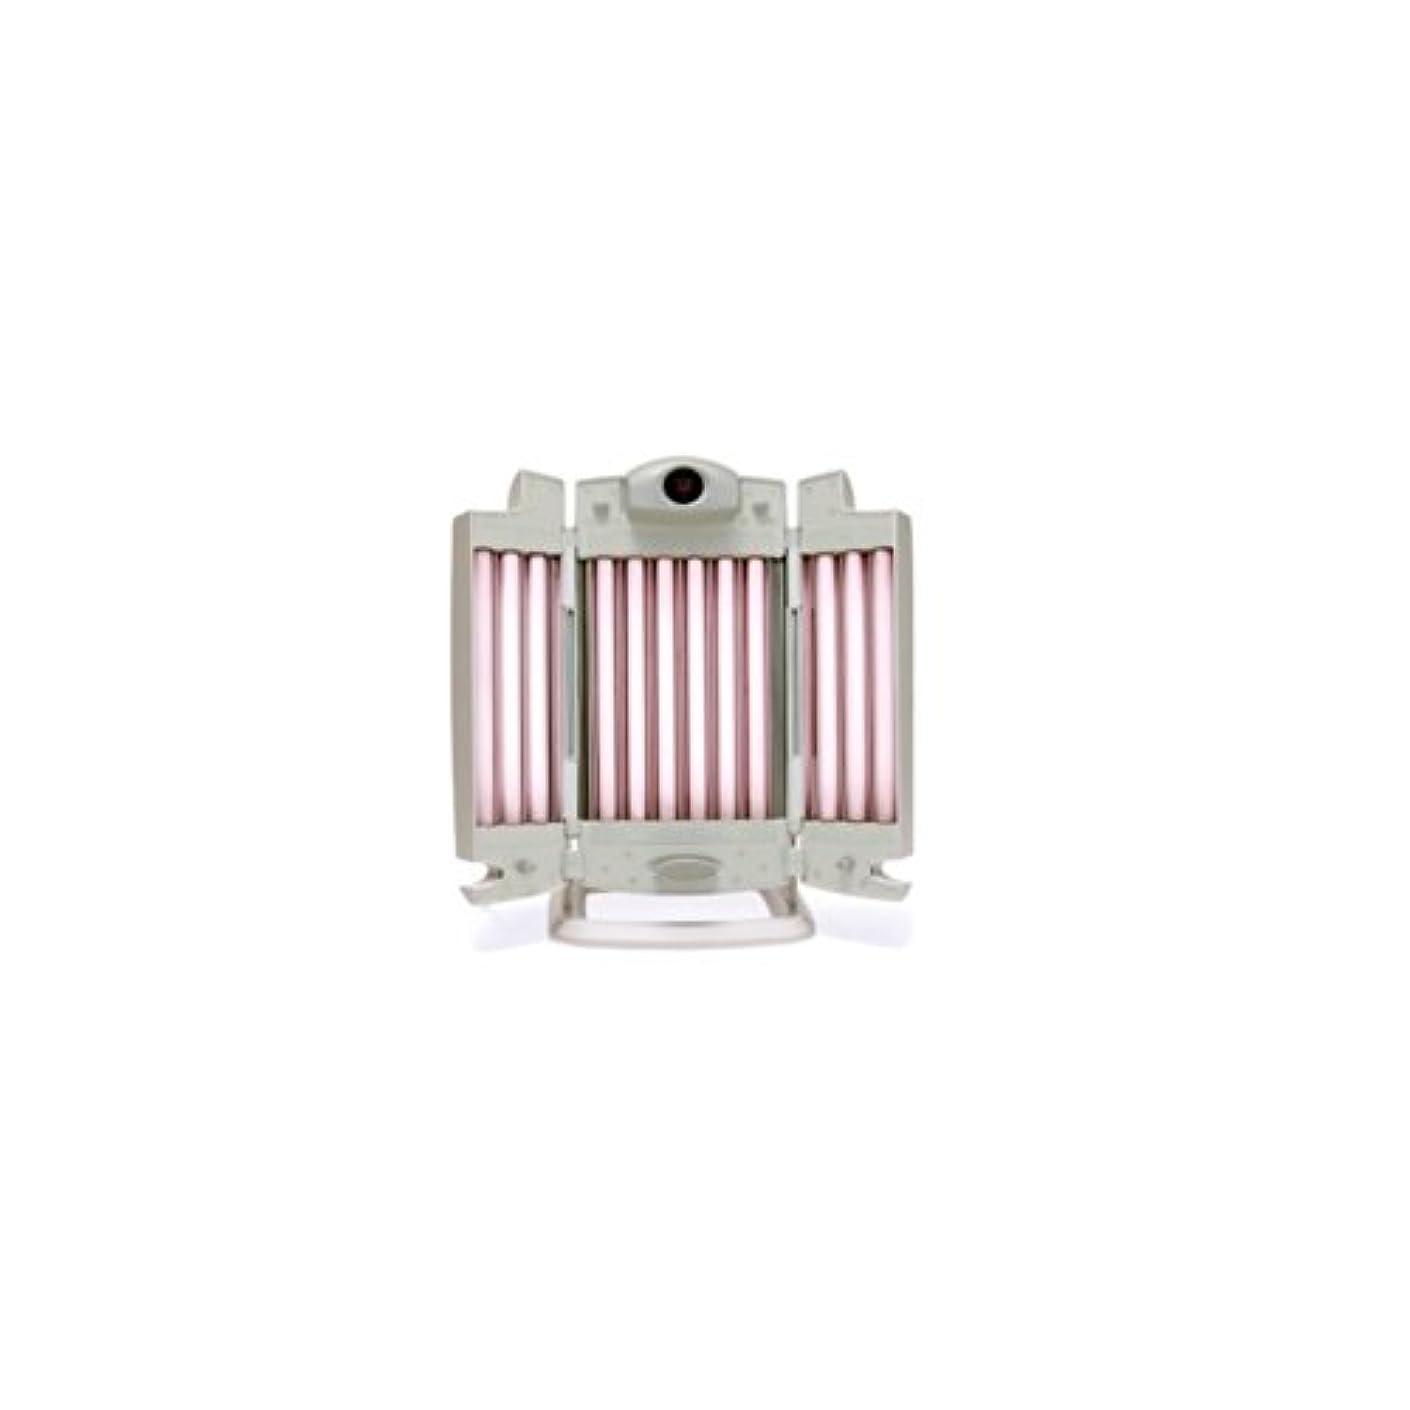 要求する授業料ポンプBaby's Colla Beauty Light Type FACIAL(ベビーズコラ ビューティーライト フェイシャルタイプ)